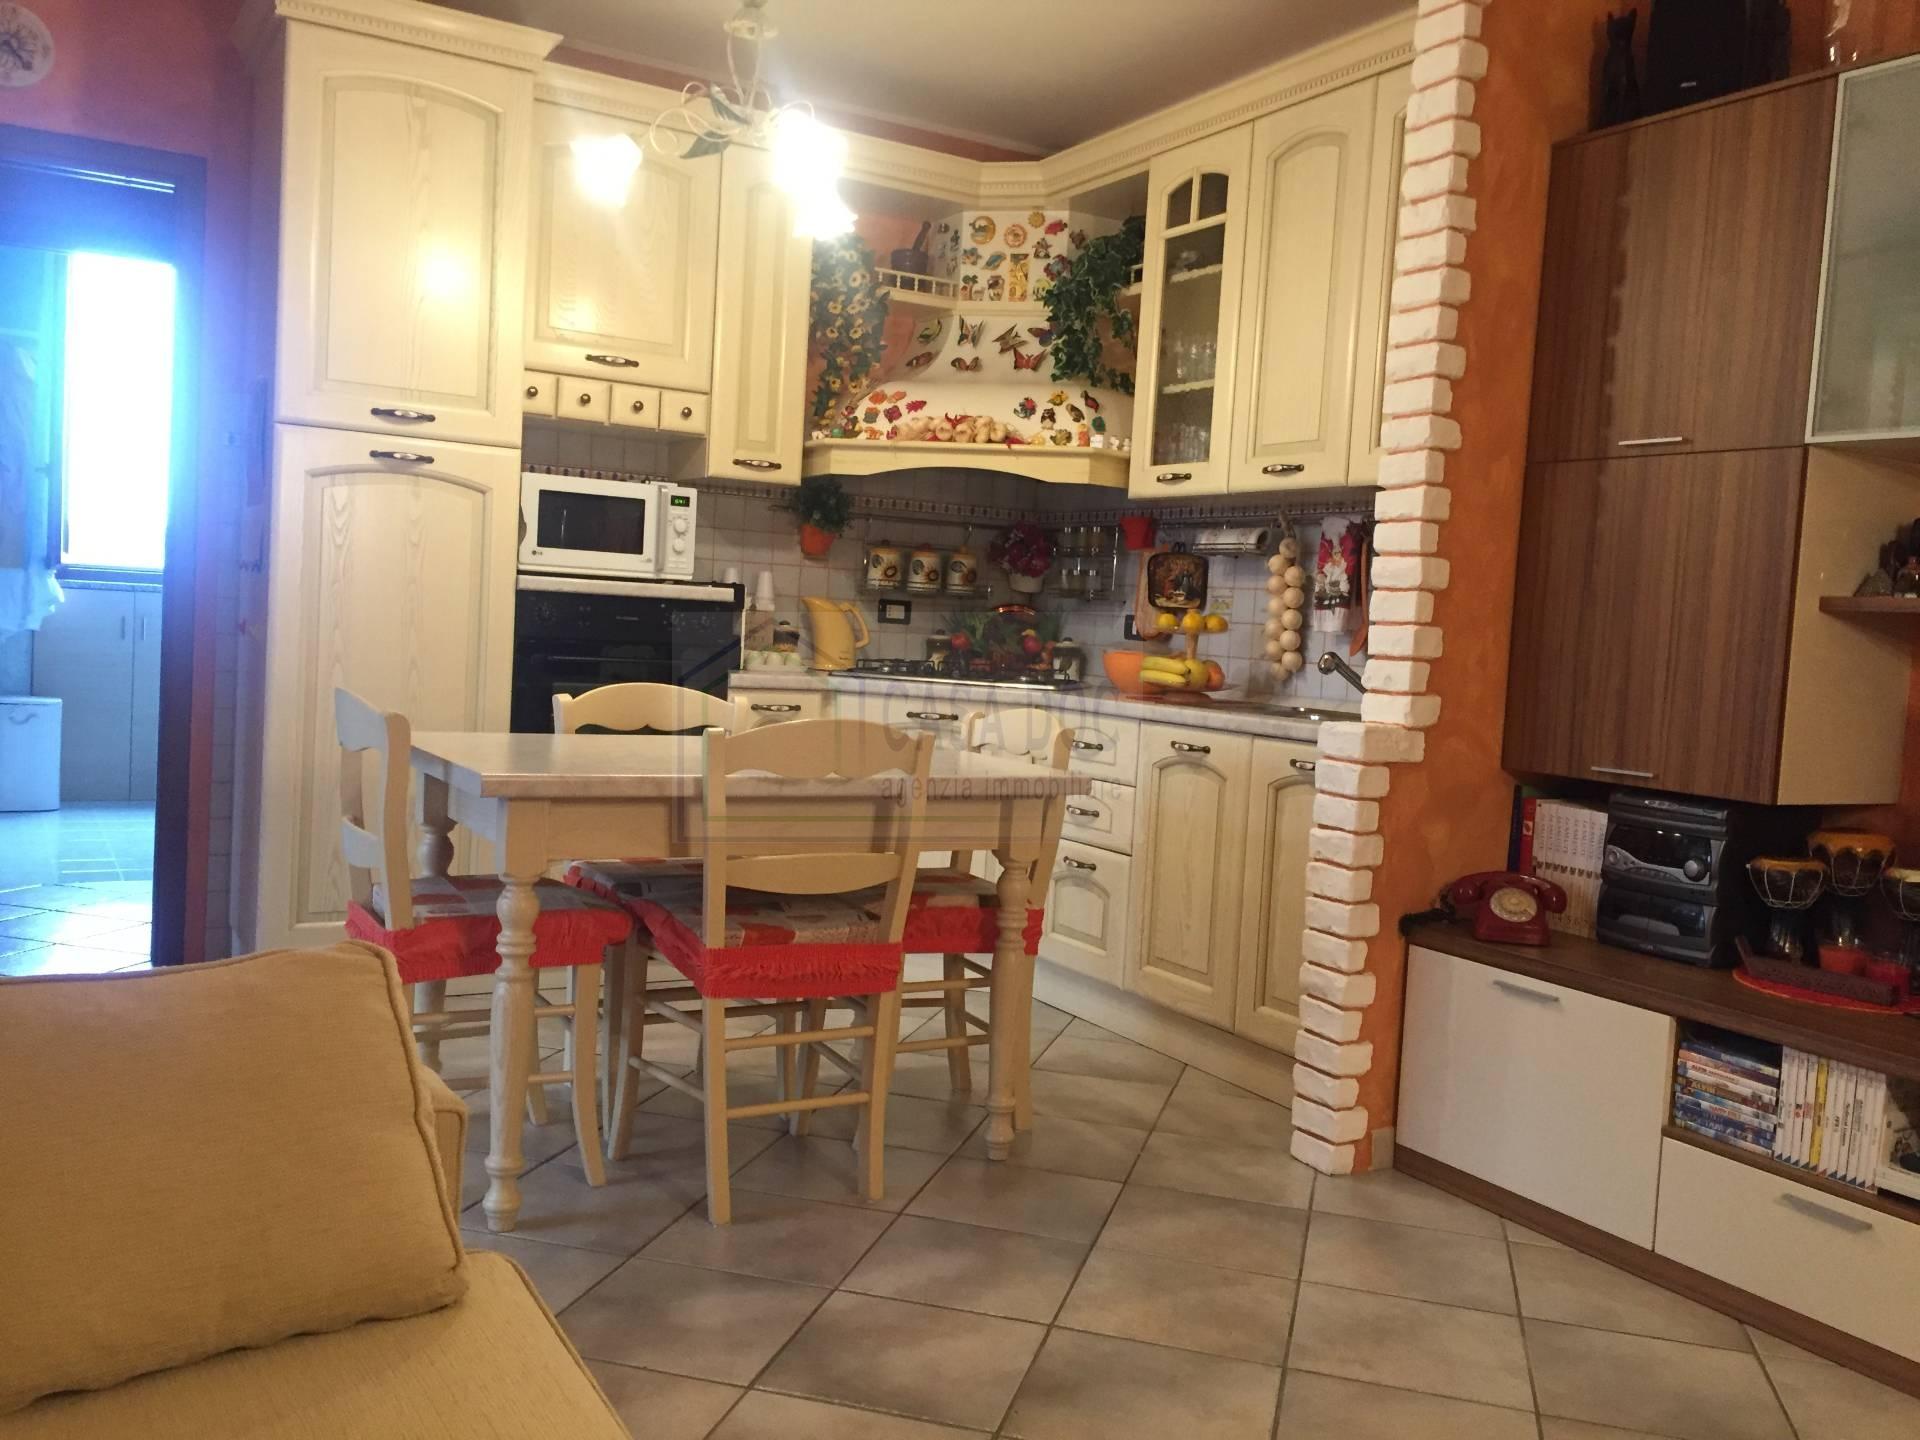 Appartamento in vendita a Bornasco, 3 locali, zona Località: Gualdrasco, prezzo € 89.000 | CambioCasa.it